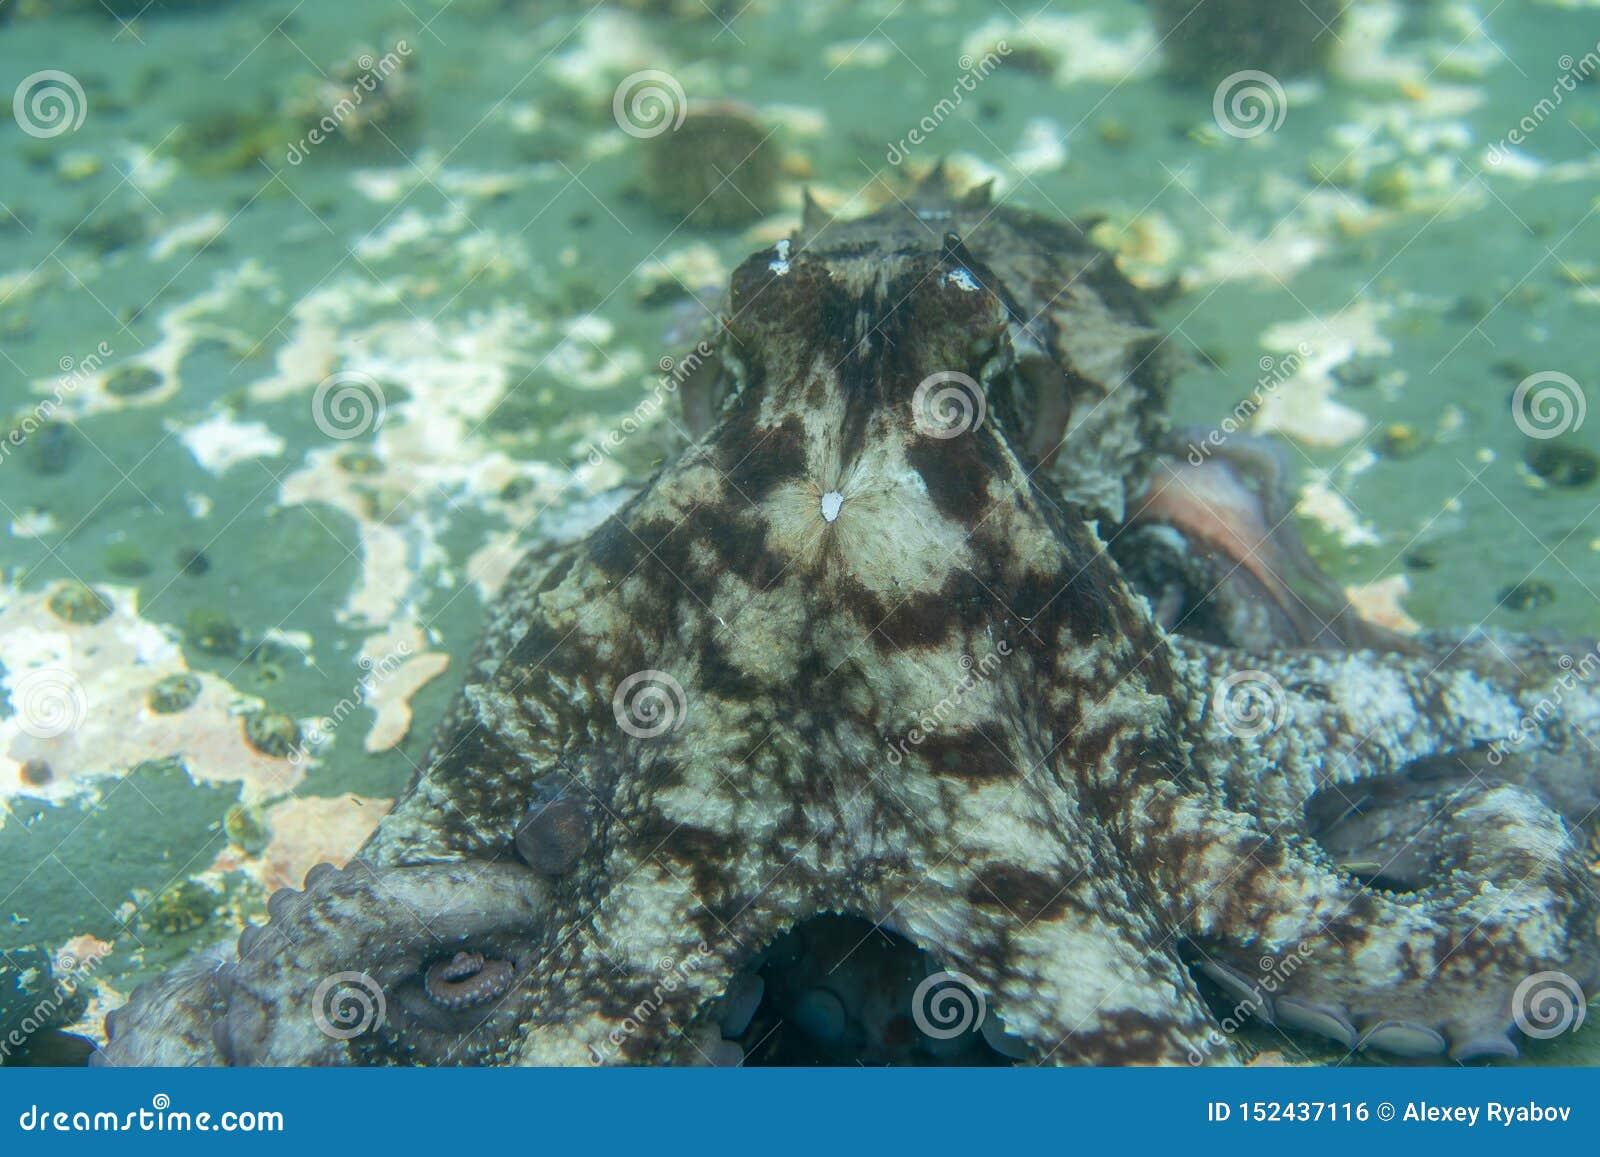 Нырять и подводная фотография, осьминог под водой в своей естественной среде обитания